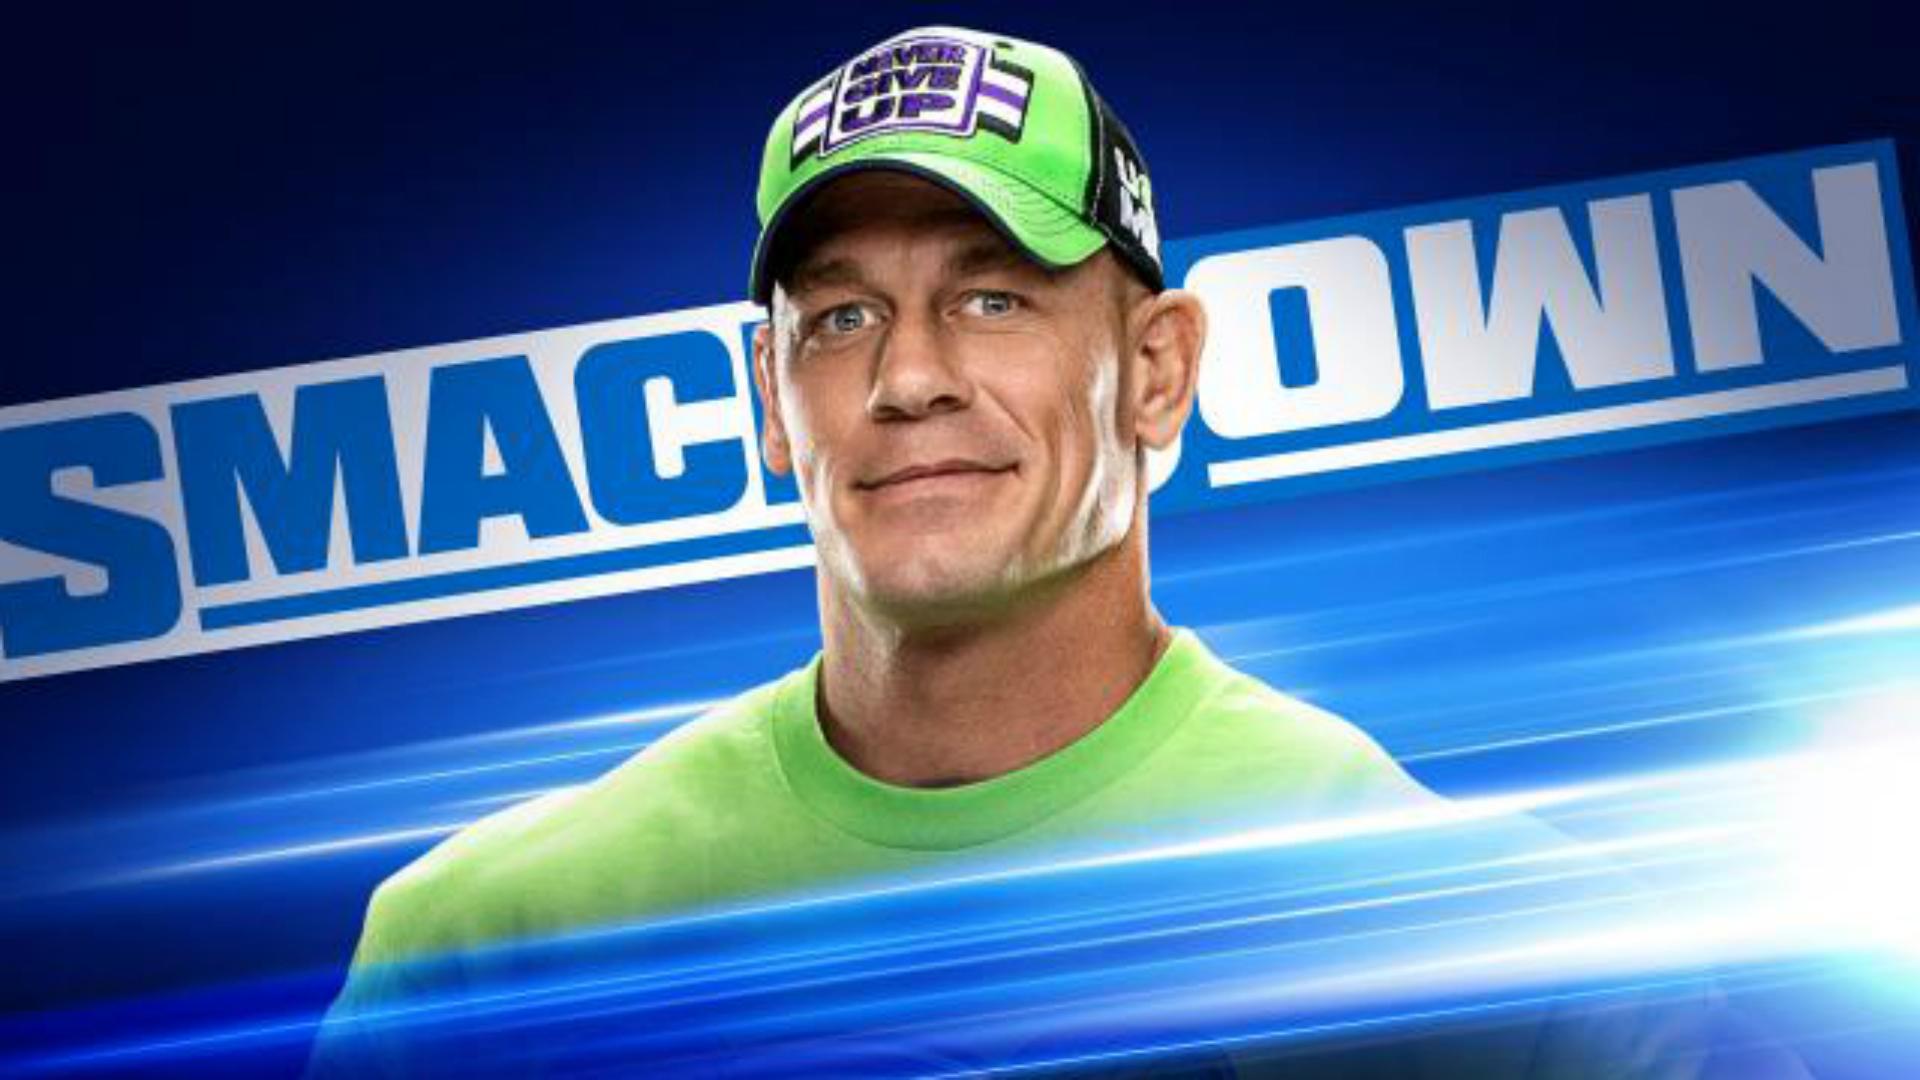 WWE Smackdown en vivo resultados, actualizaciones, aspectos destacados de la primera arena vacía Smackdown con John Cena 1